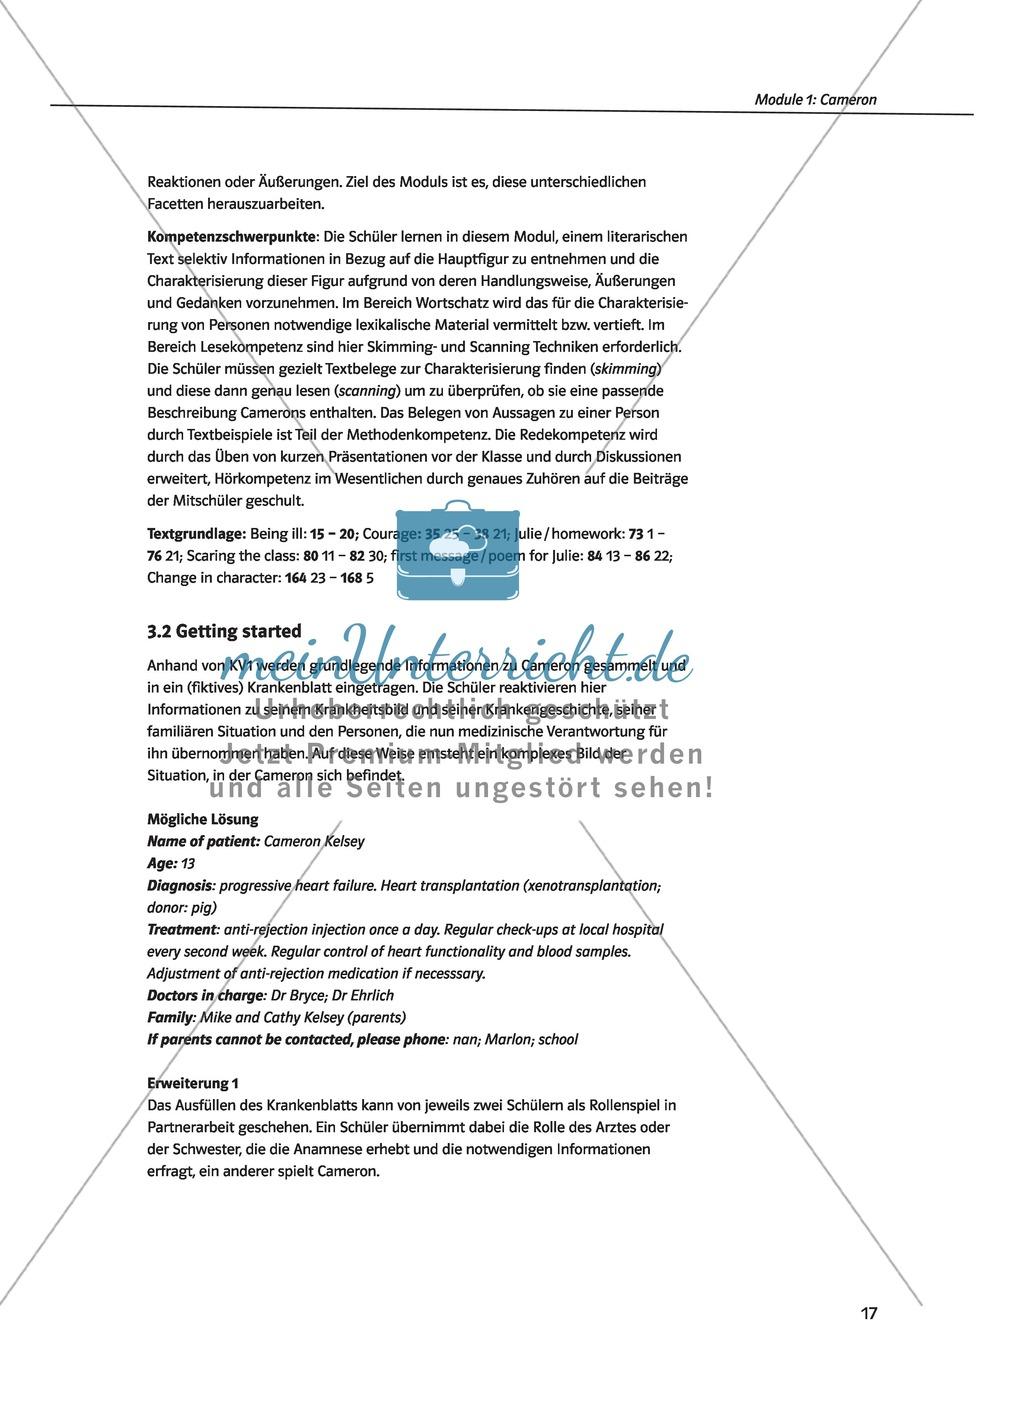 Cameron as the main character: Direct and indirect characterisation. Mit didaktischen Anmerkungen, Kopiervorlagen, Vokabelanmerkungen und Lösungsvorschlägen. Preview 1